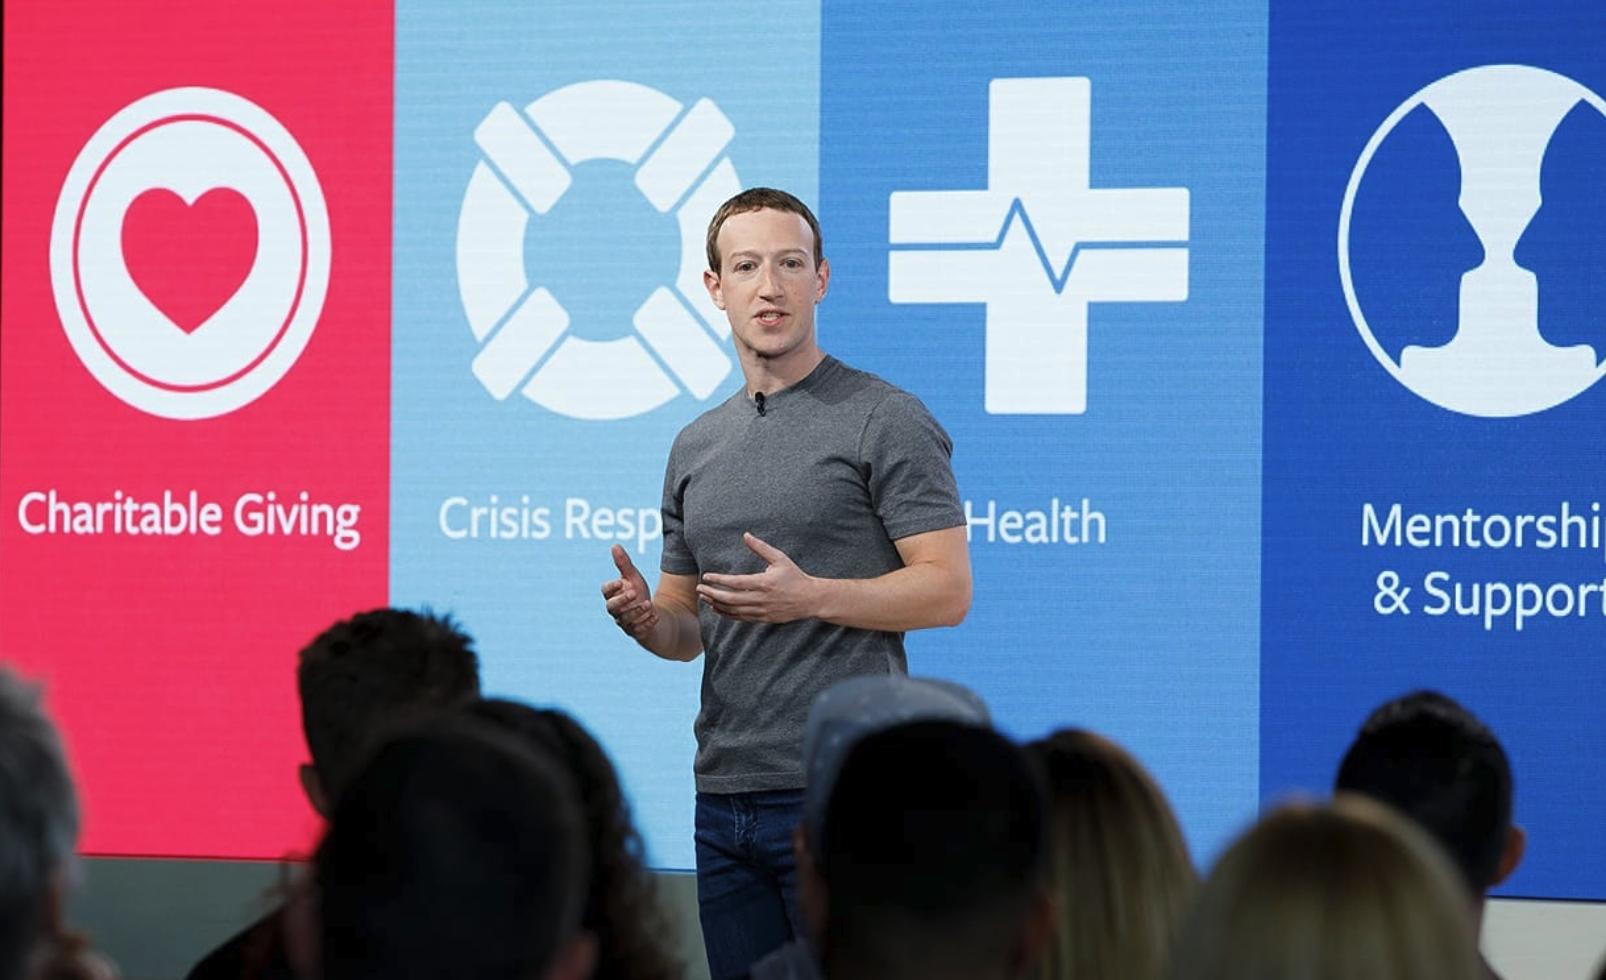 Se hele sjokklisten med info de sanker om deg: Facebook vet når og hvem du ringte